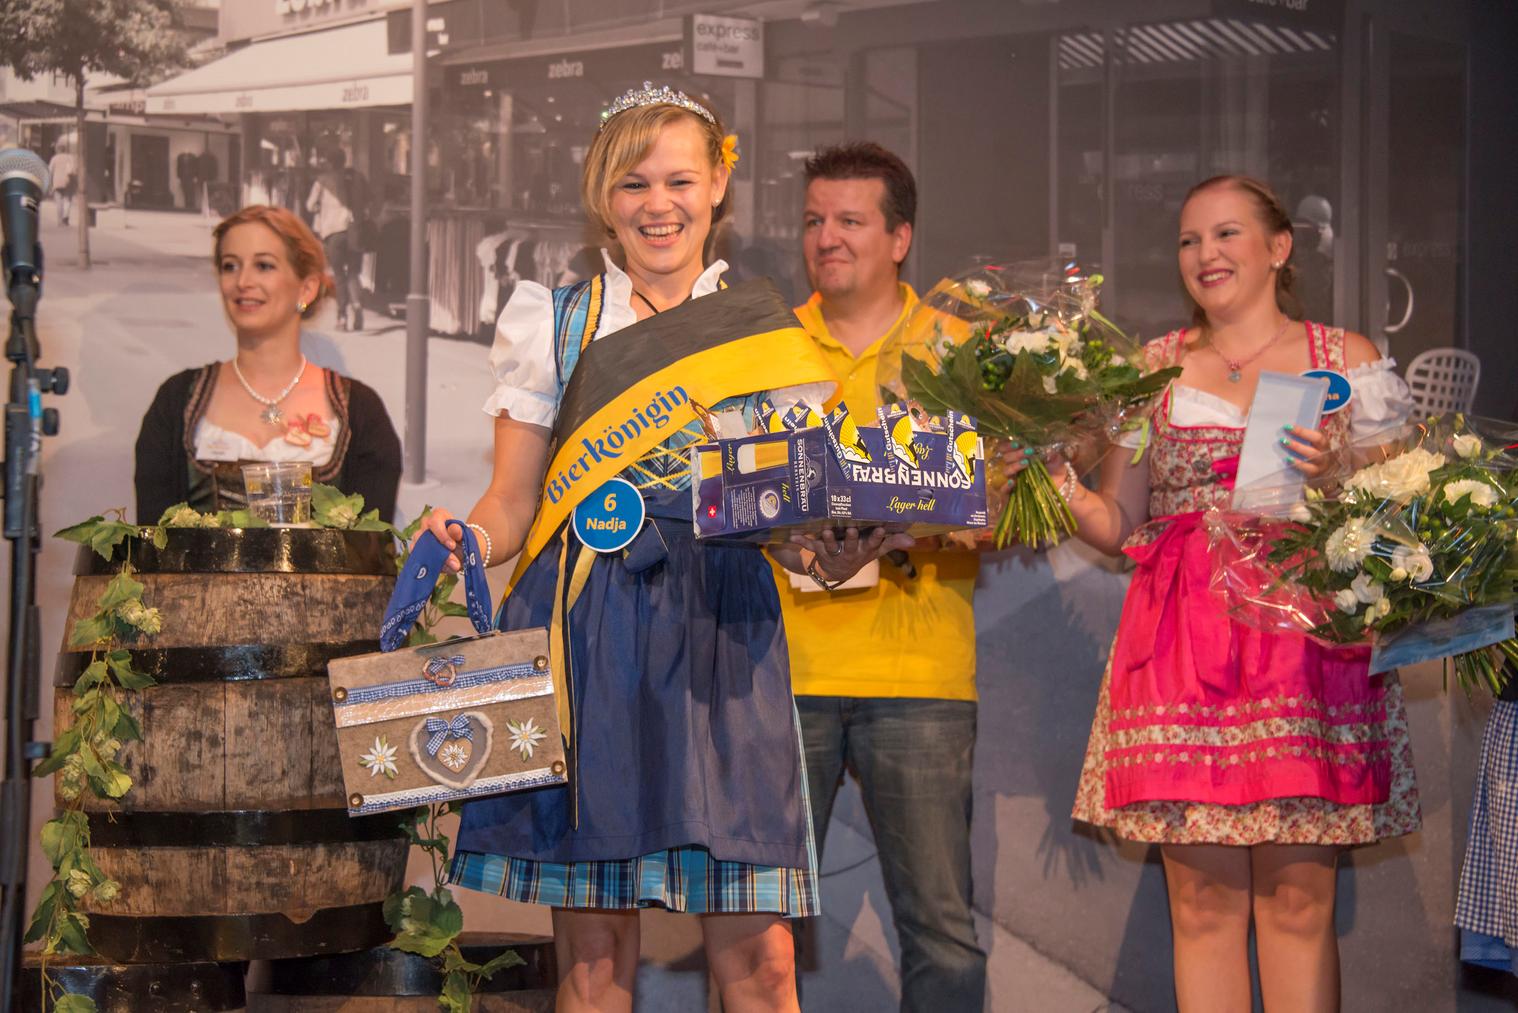 An der Wiga setzte sich Nadja Graber gegen ihre Konkurrentinnen durch und wurde zur ersten Rheintaler Bierkönigin gekürt